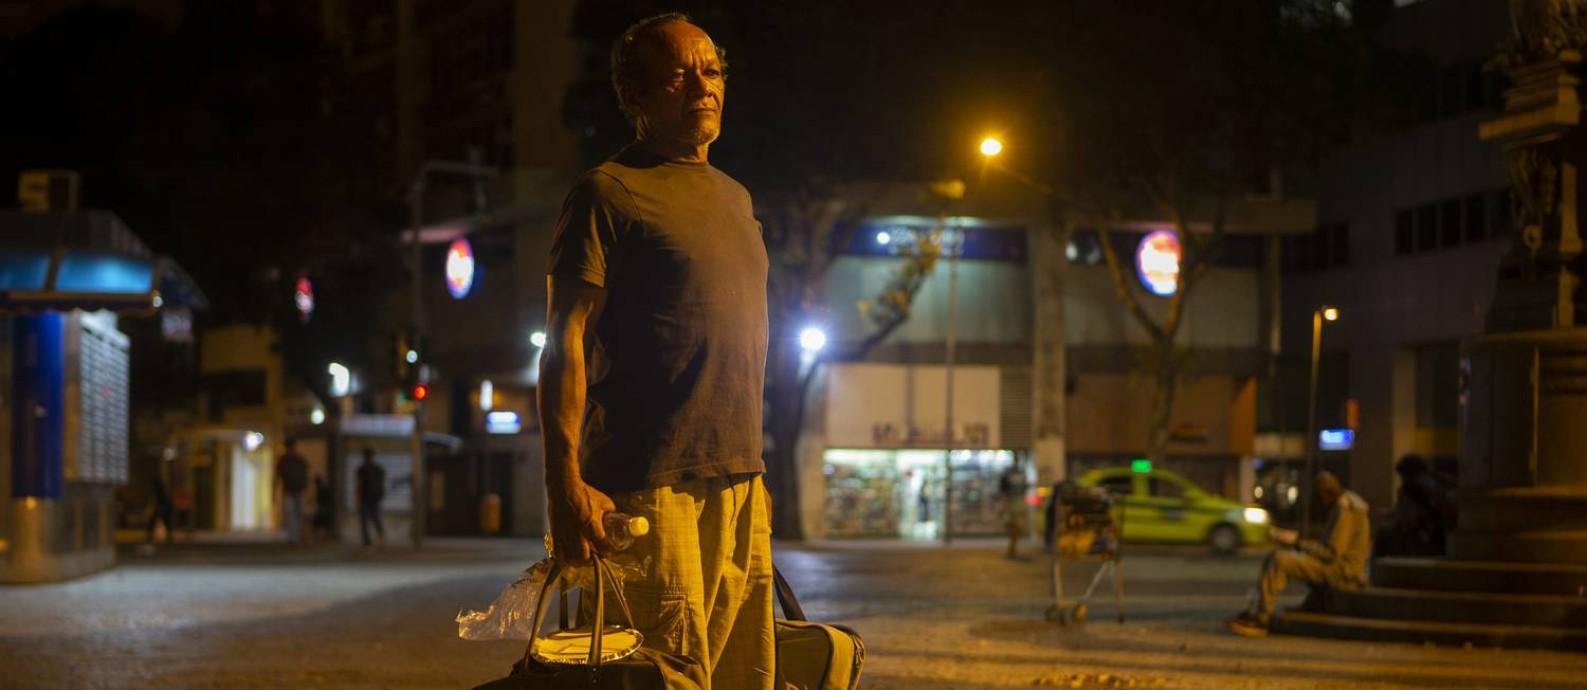 José Carlos Correia com seus pertences, que cabem em duas bolsas Foto: Alexandre Cassiano / Agência O Globo